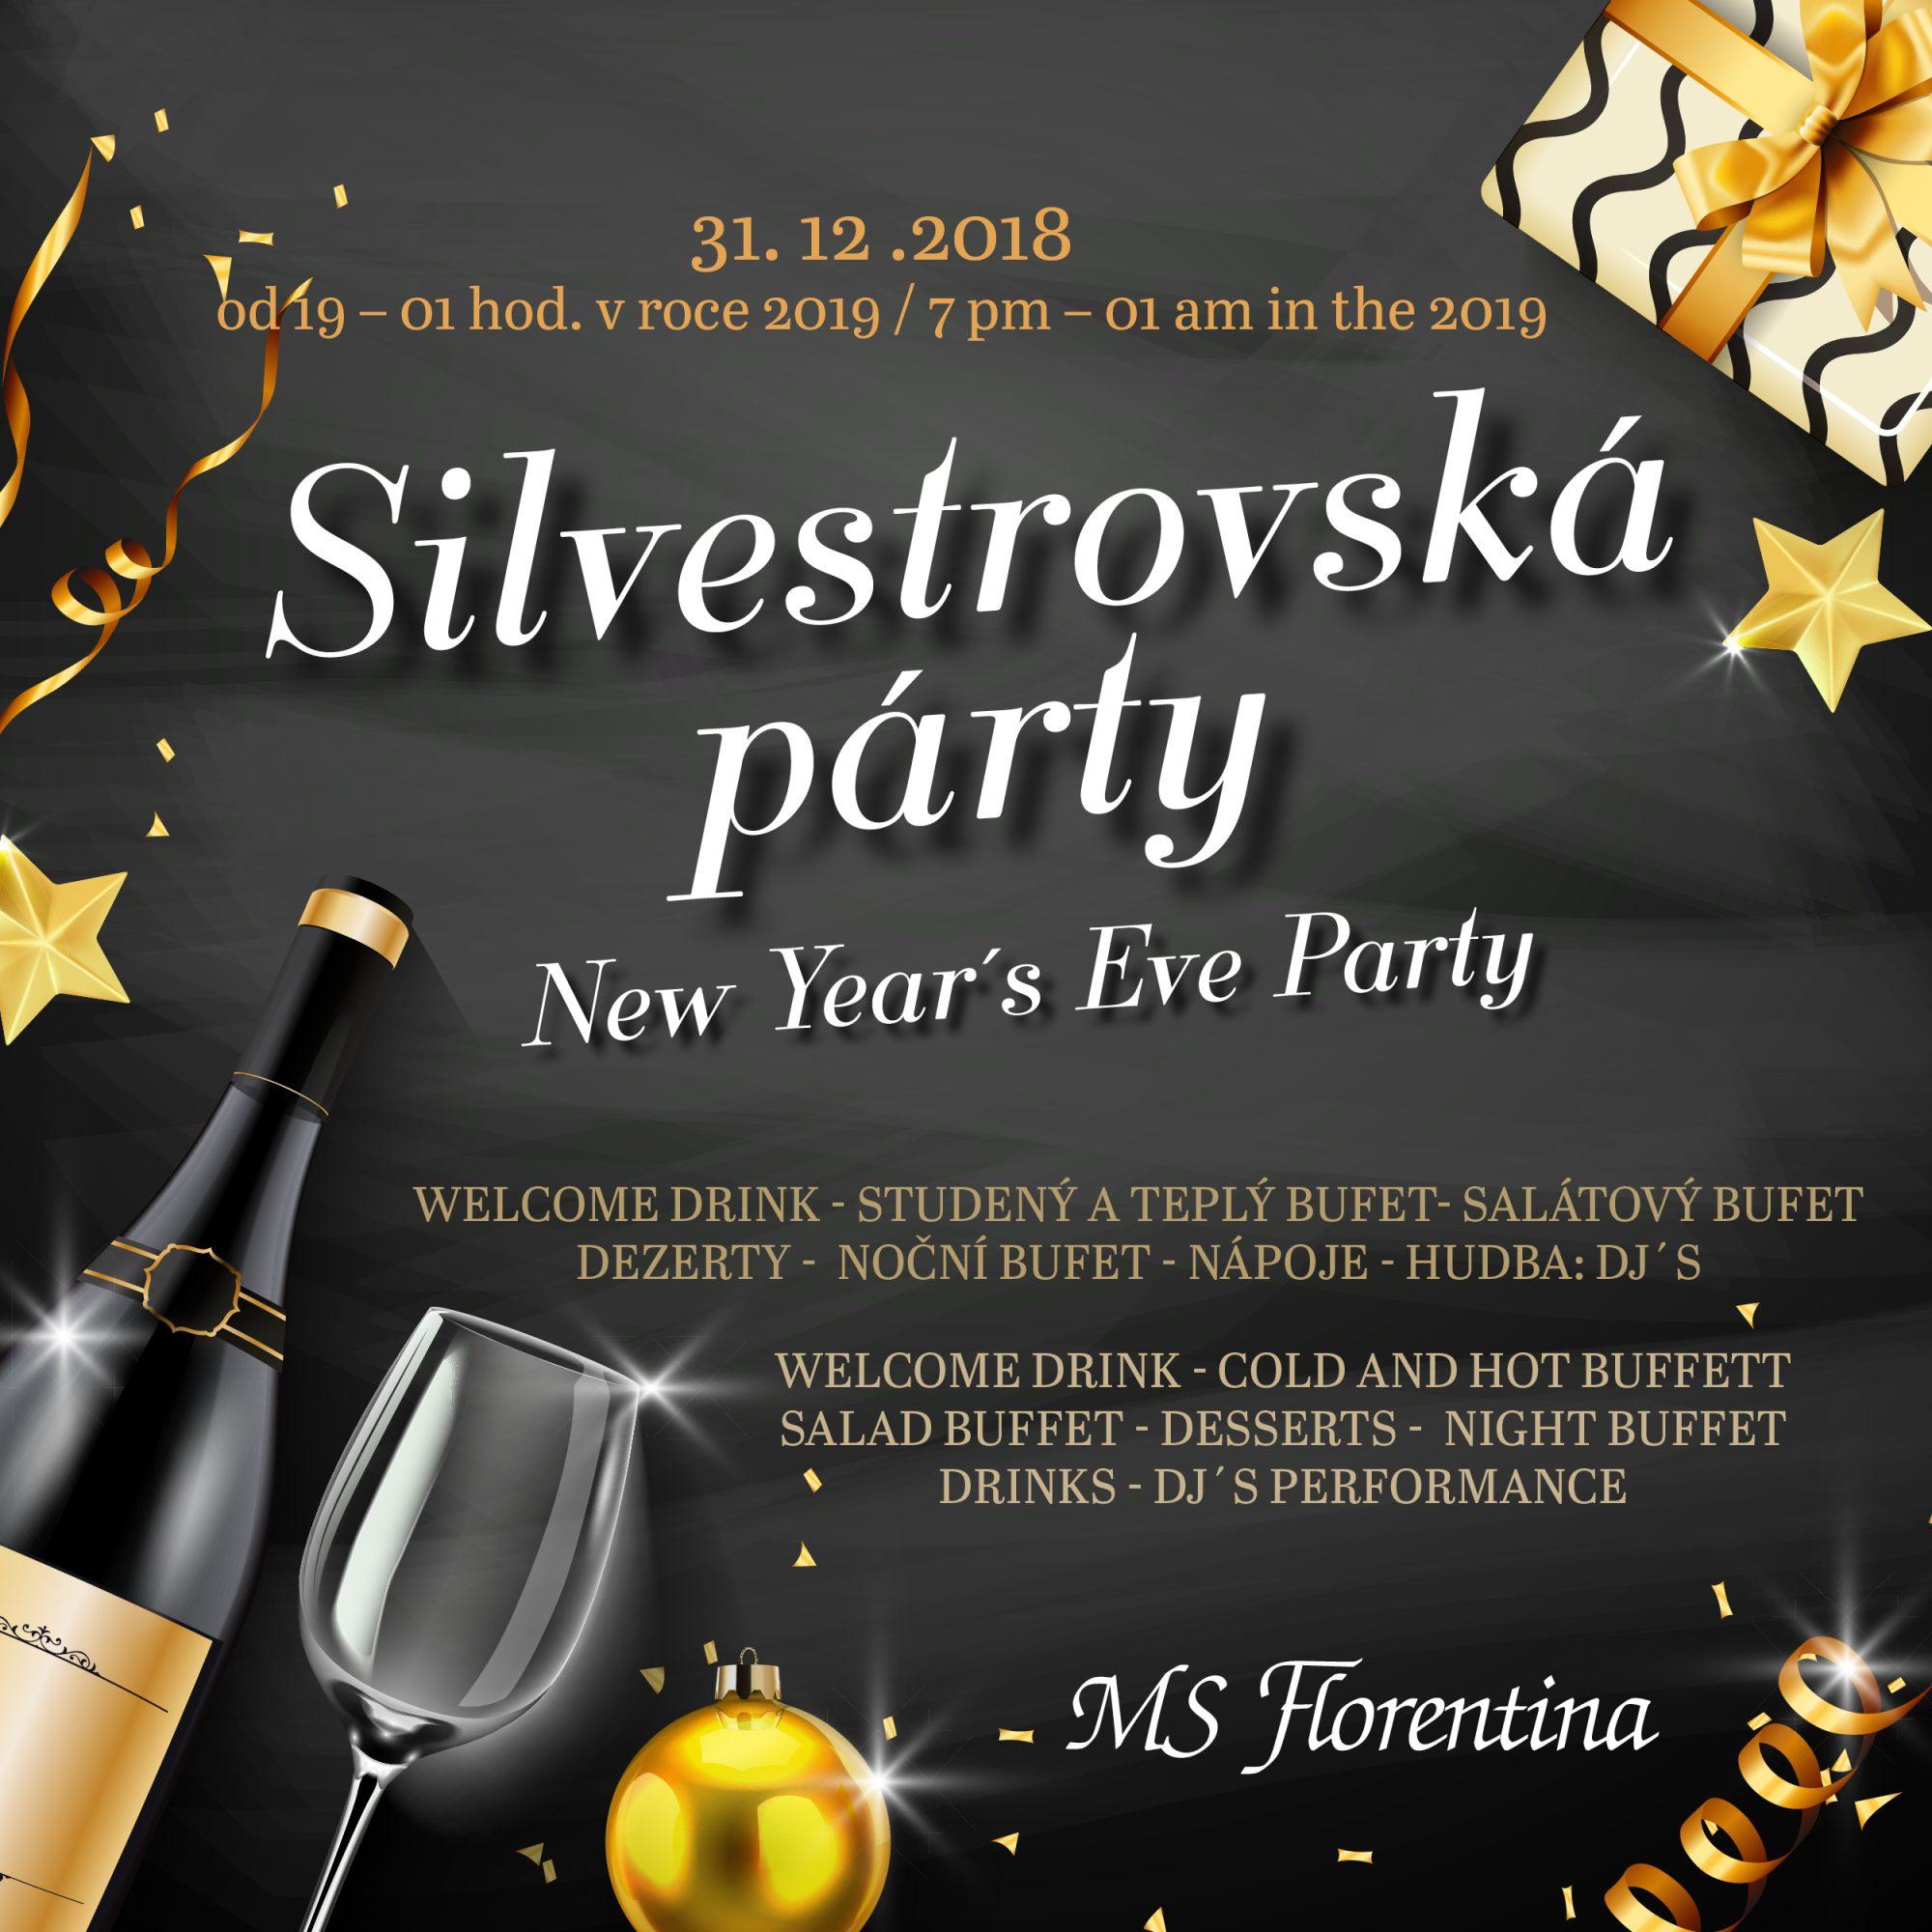 Silvestrovská párty na lodi Florentina!